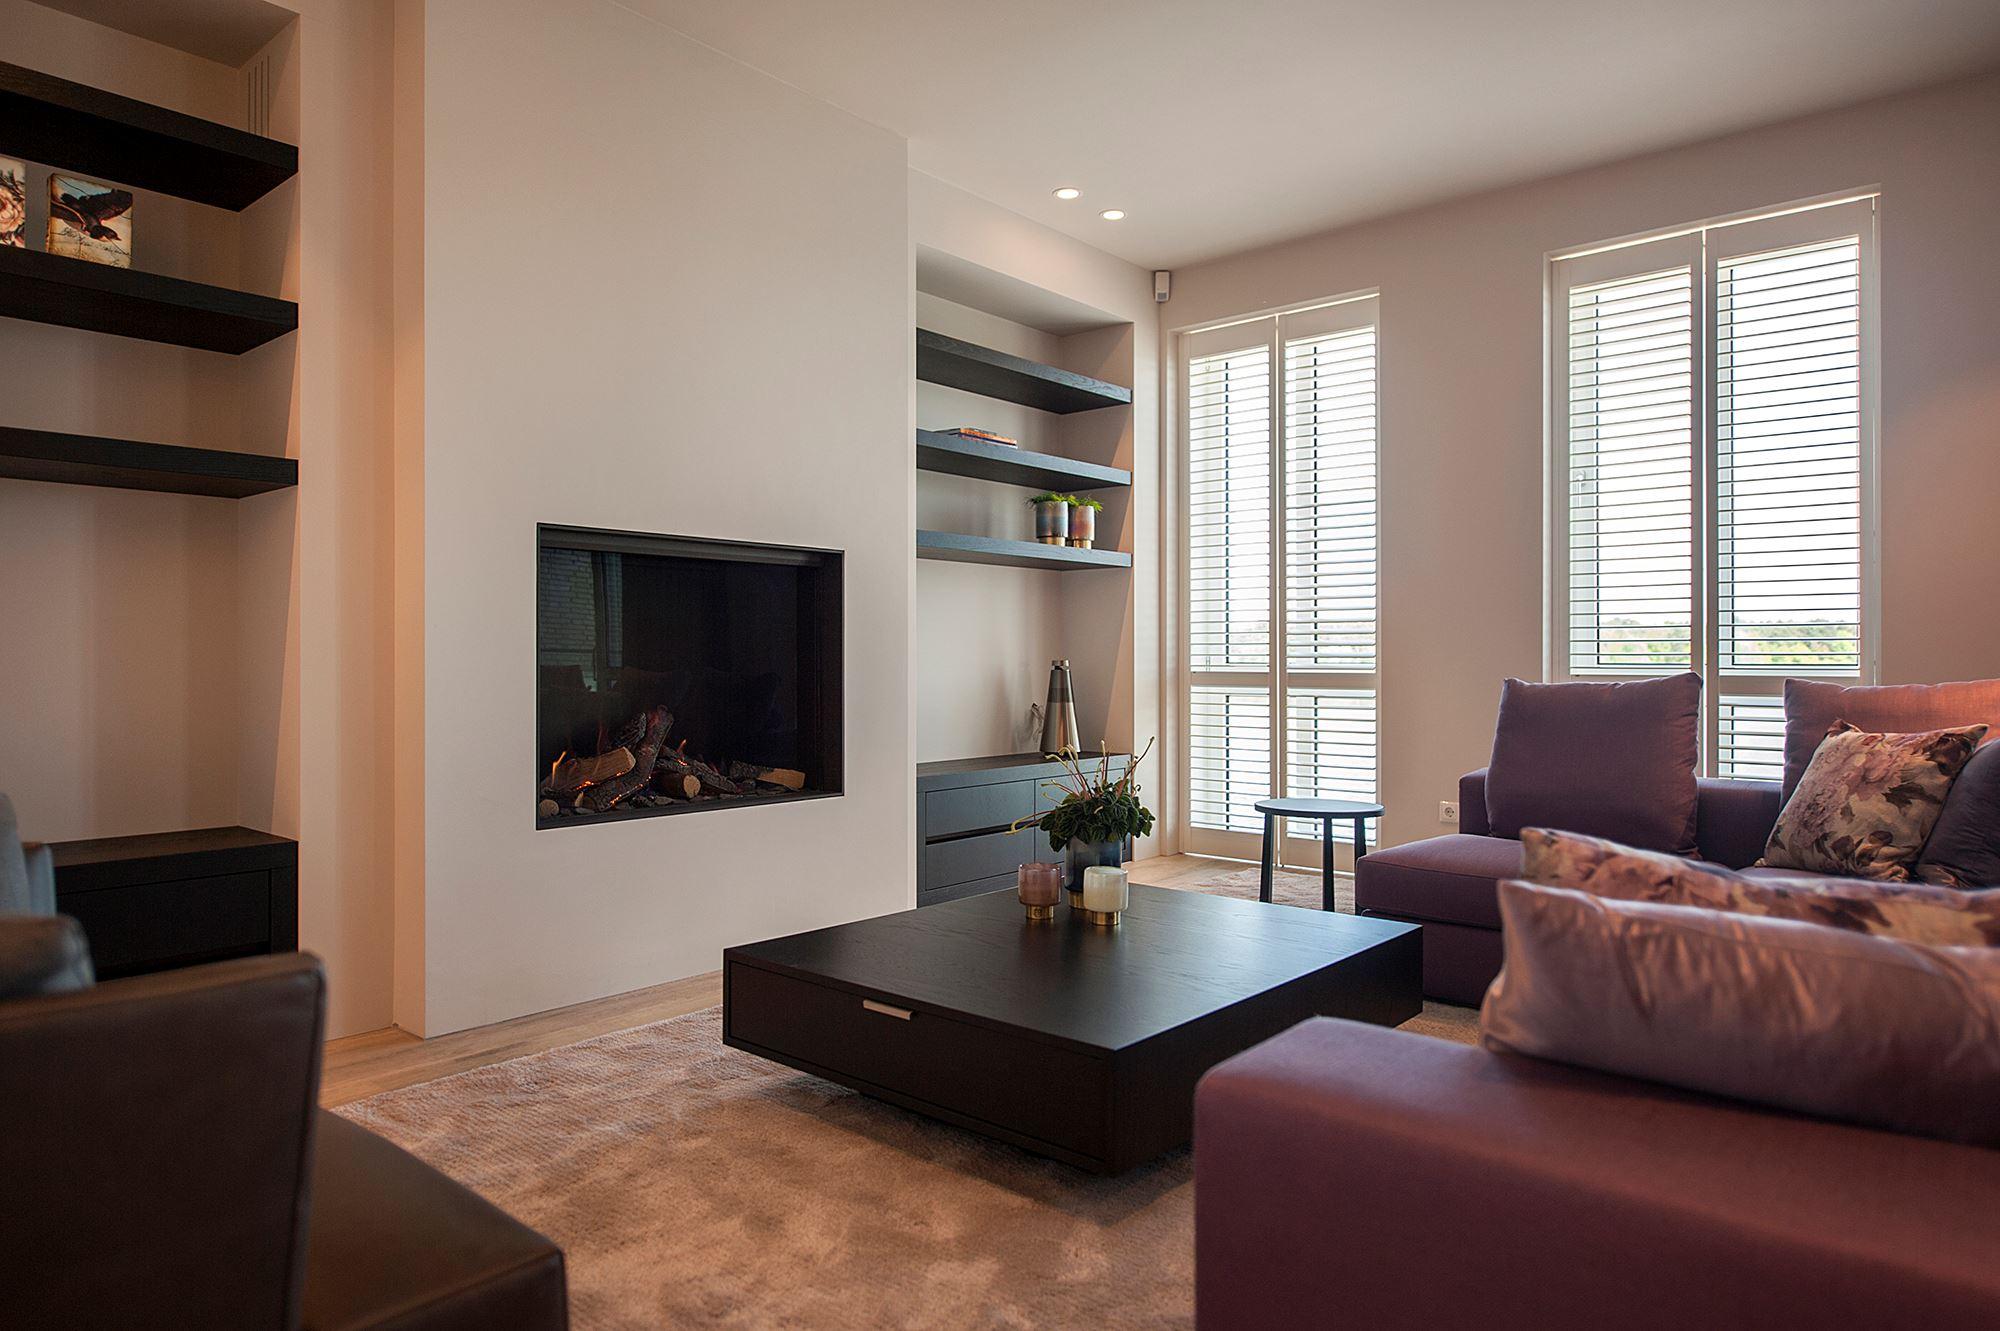 Appartement te koop: dijkbeemd 11 5581 wr waalre [funda]